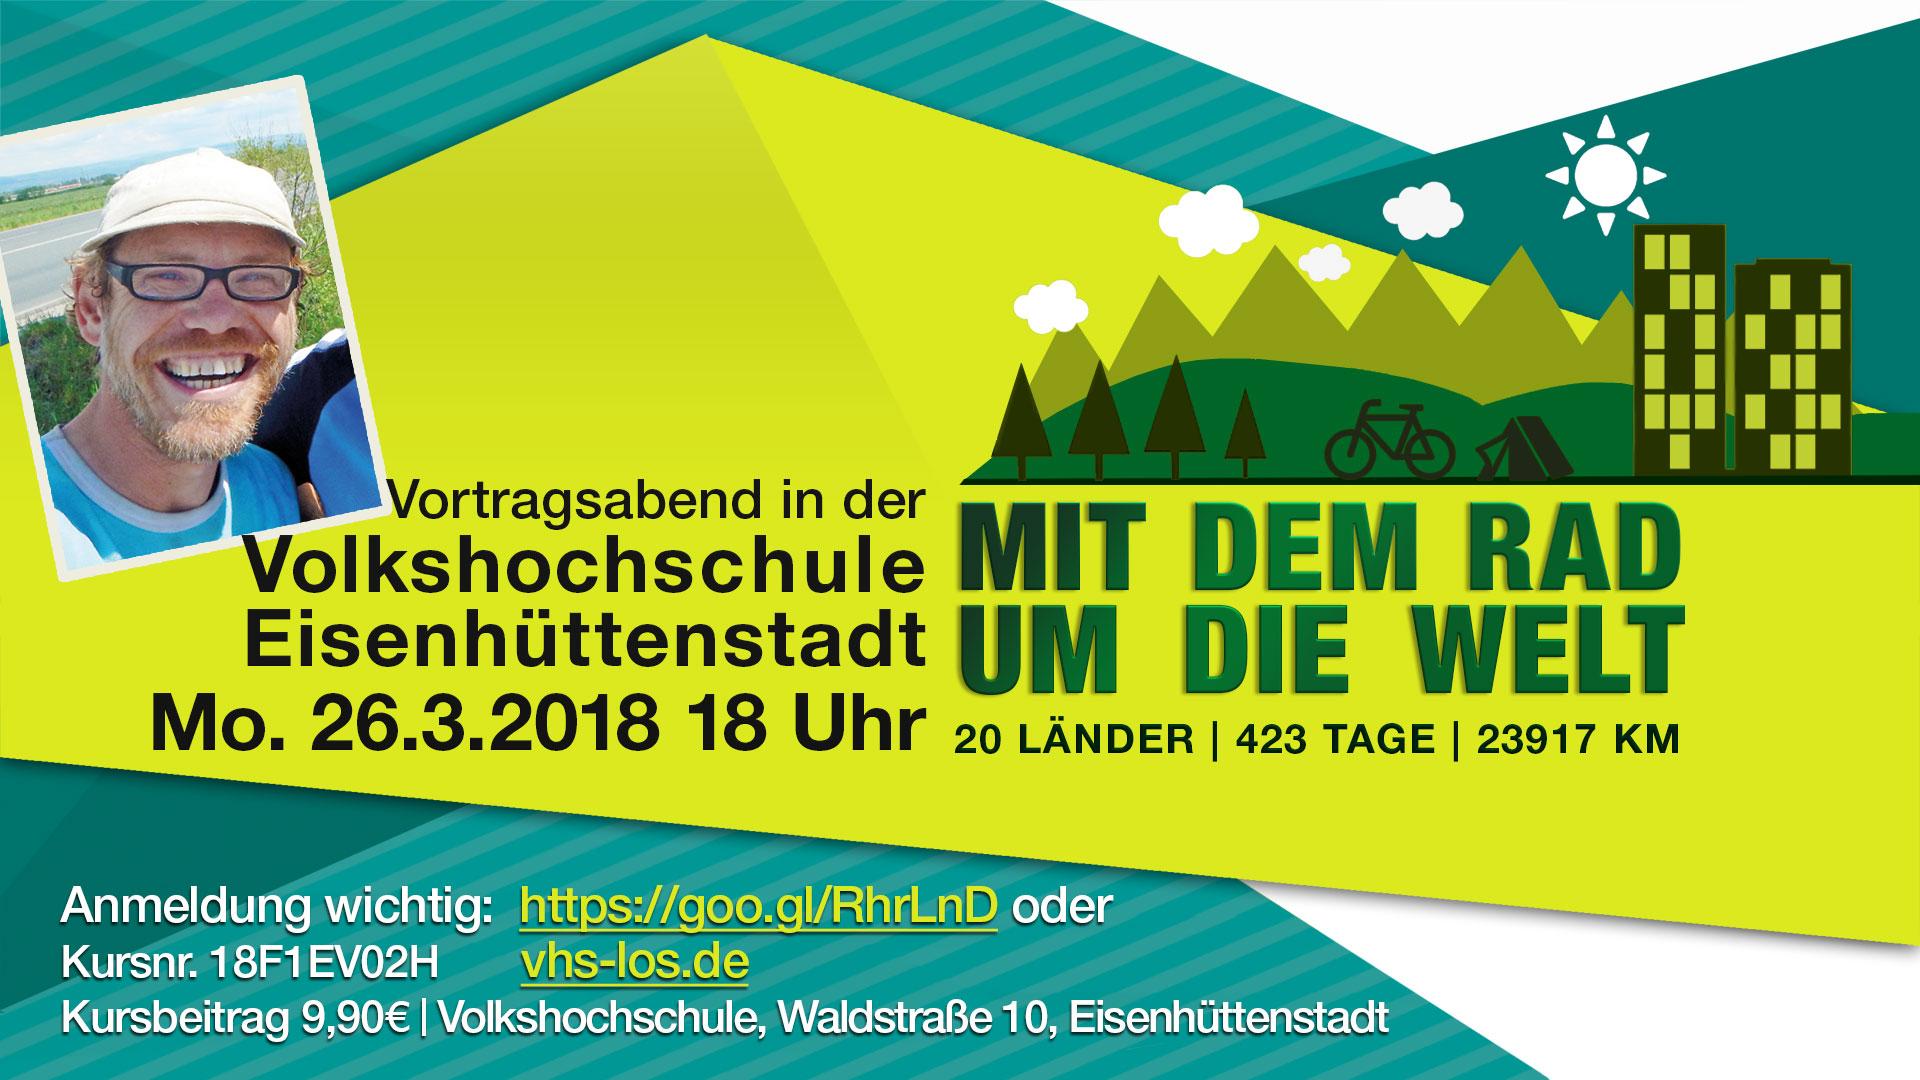 Vortragsabend in der Volkshochschule Eisenhüttenstadt